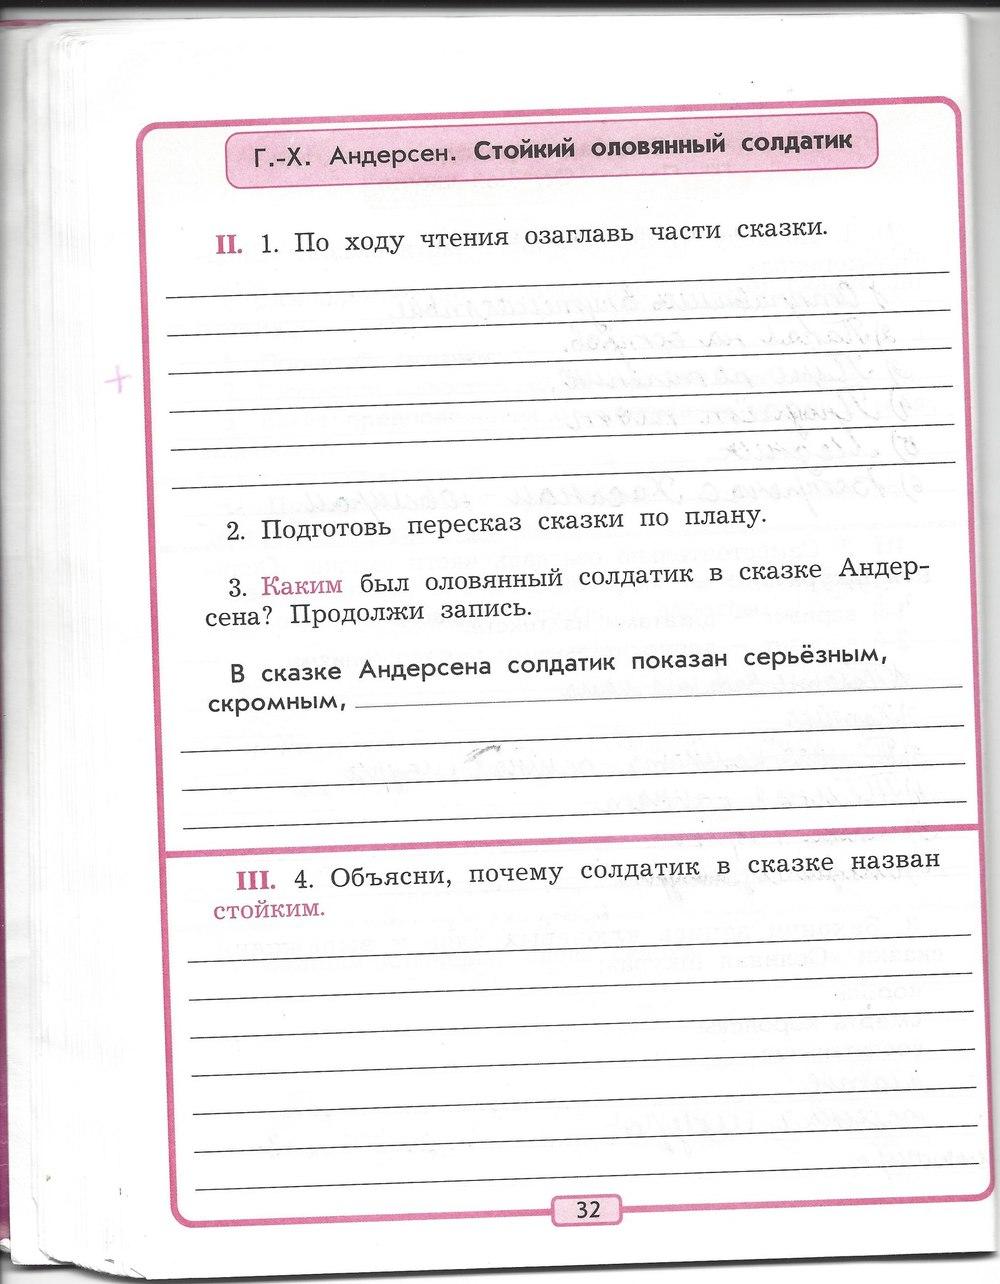 решебник по тетради литературному чтению 3 класс бунеев бунеева рабочая тетрадь